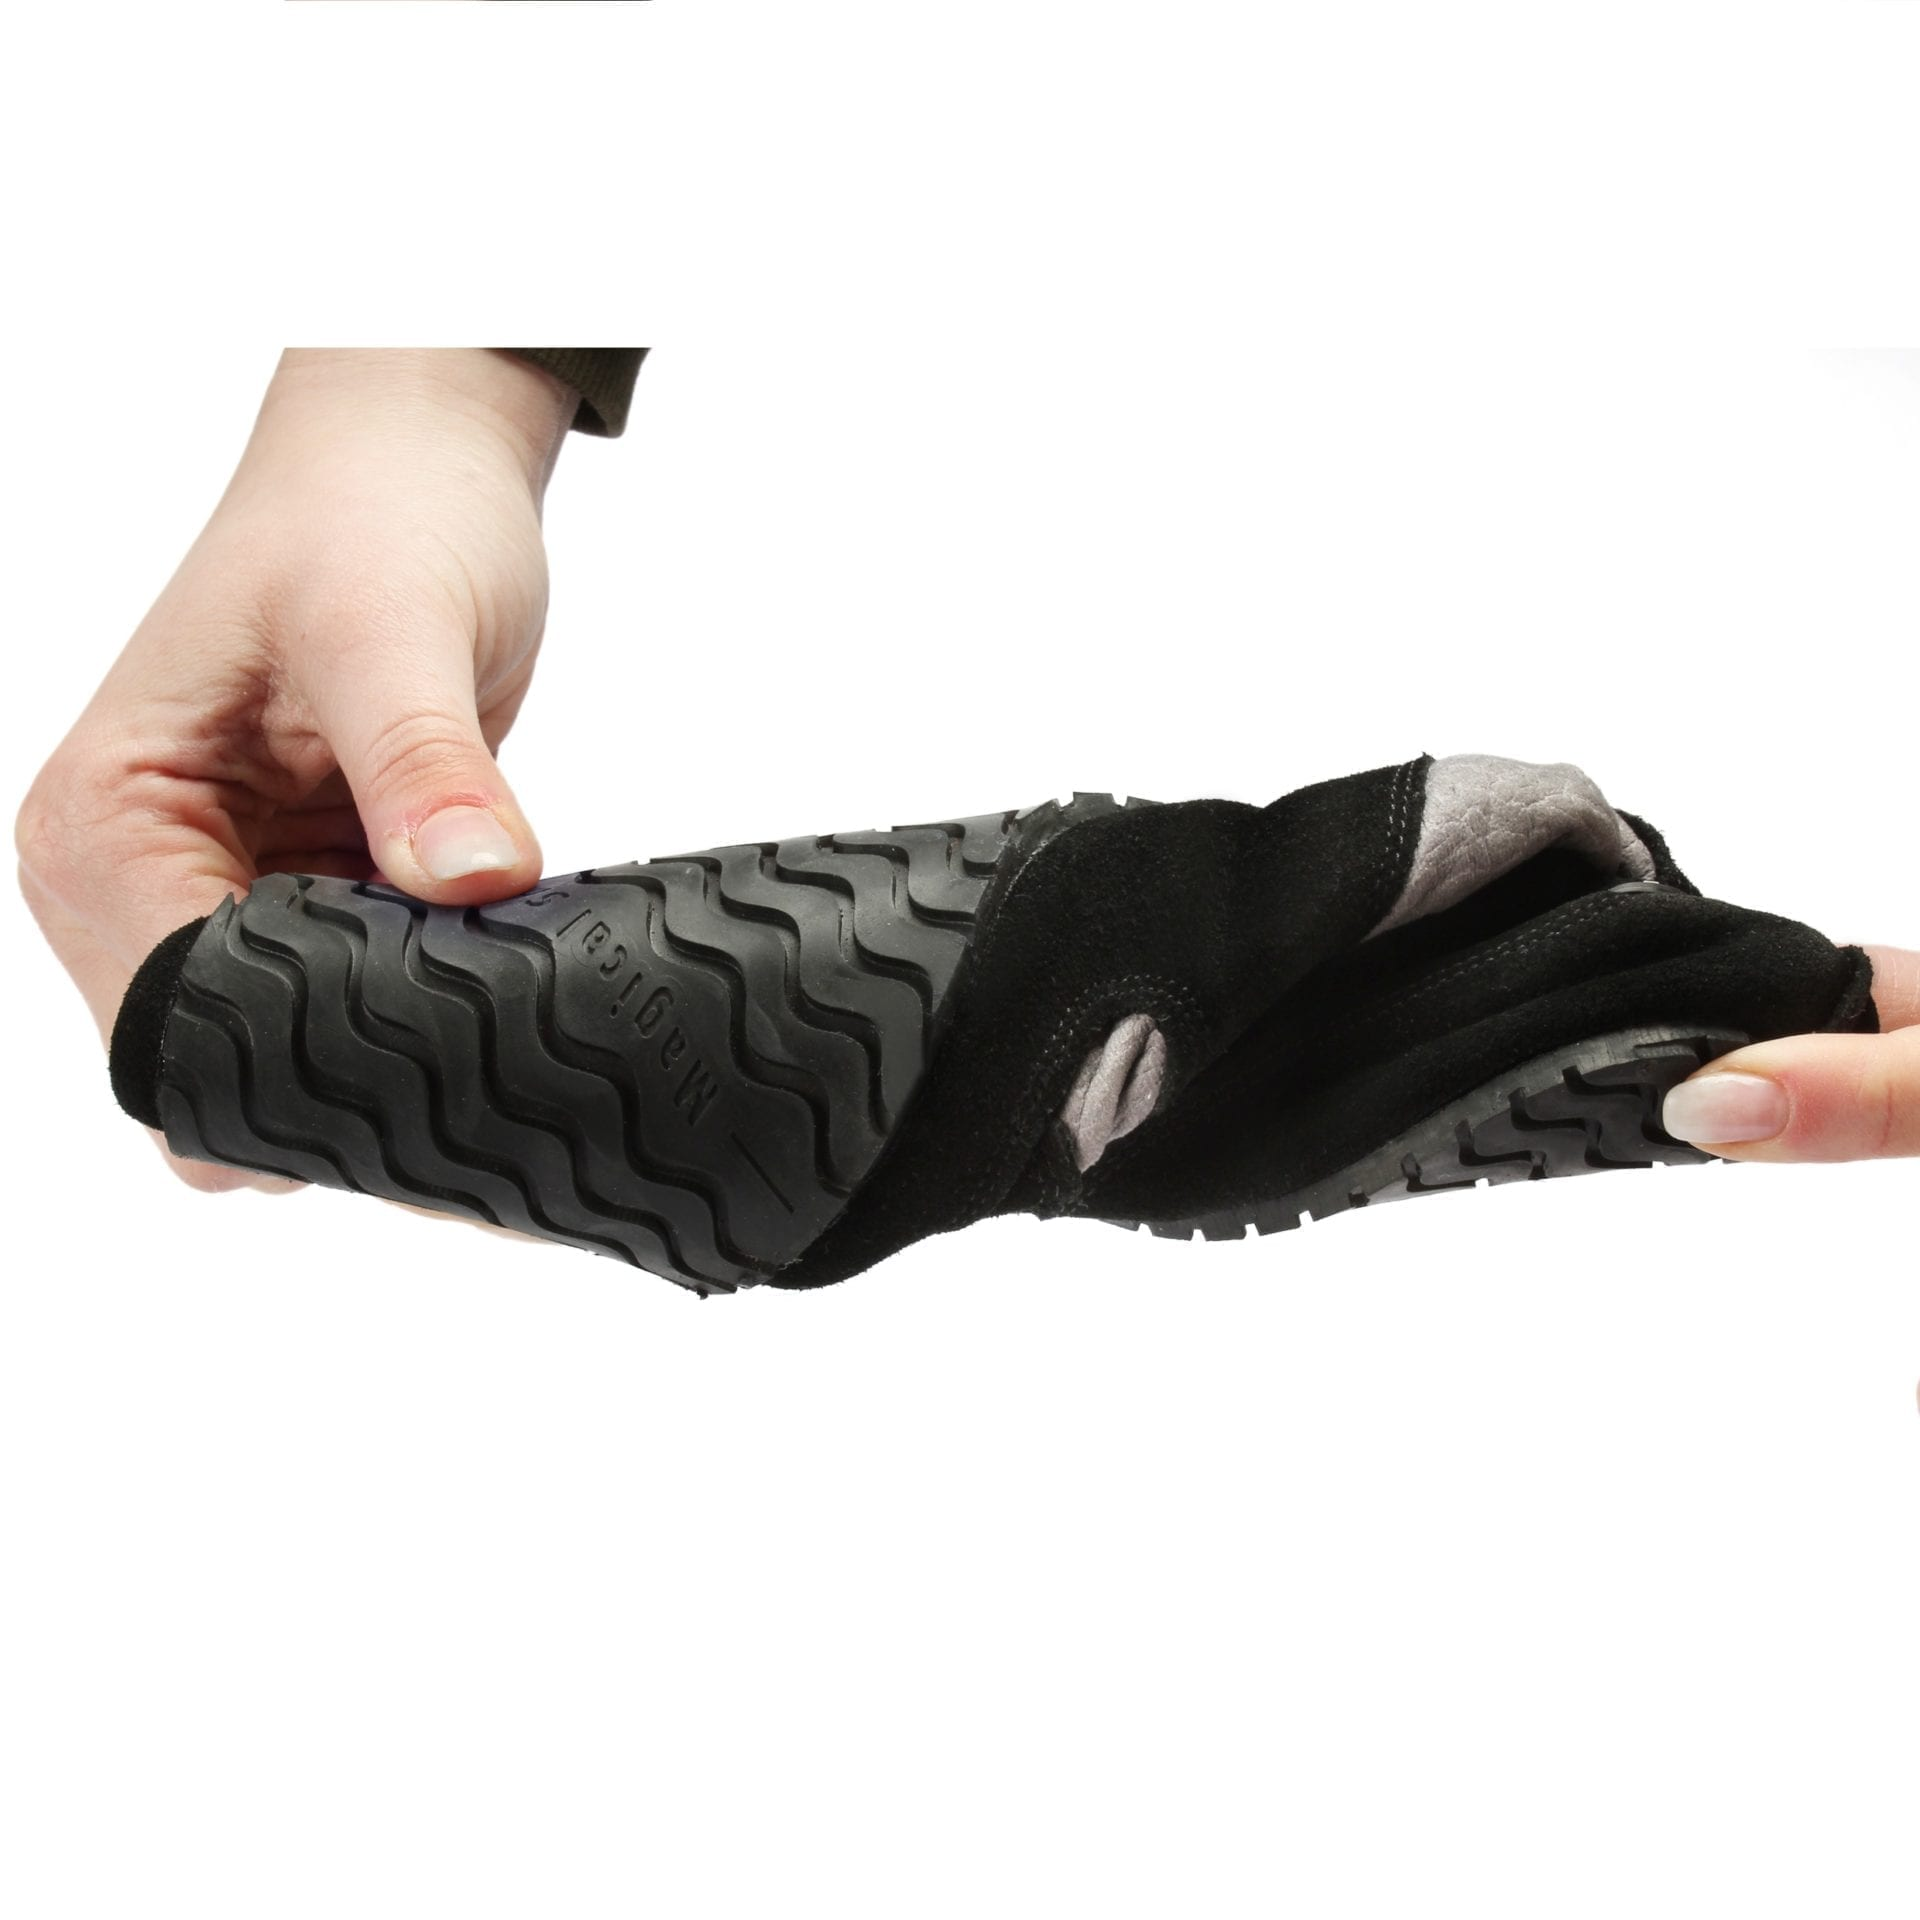 Barfußschuh-Hersteller Magical Shoes Grizzly Barfußschuhe für natürliches und gesundes Gehen & Laufen elastisch